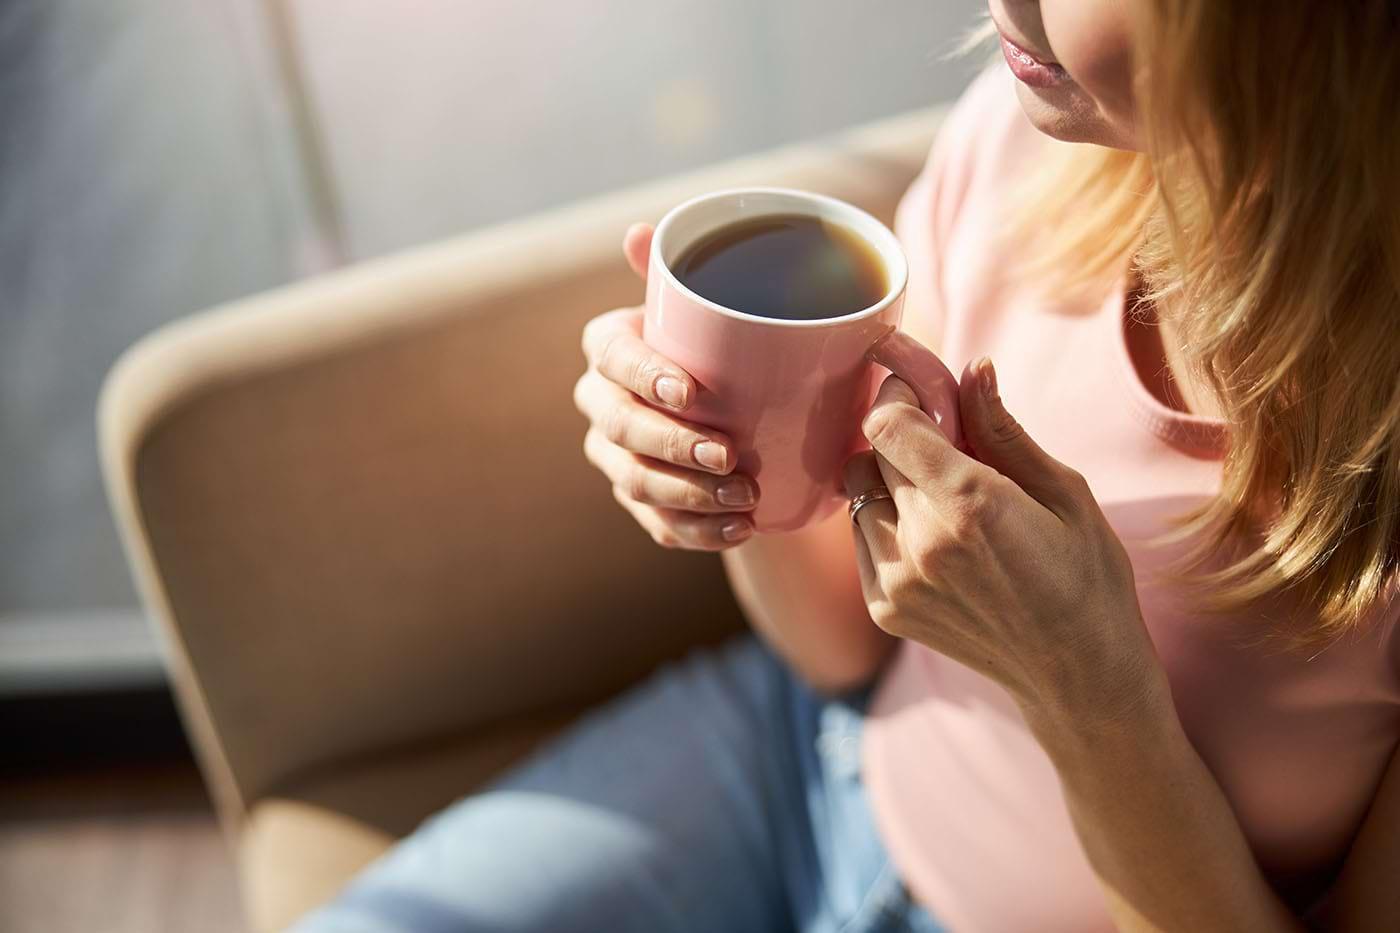 Cofeina în exces poate crește riscul de osteoporoză (studiu)